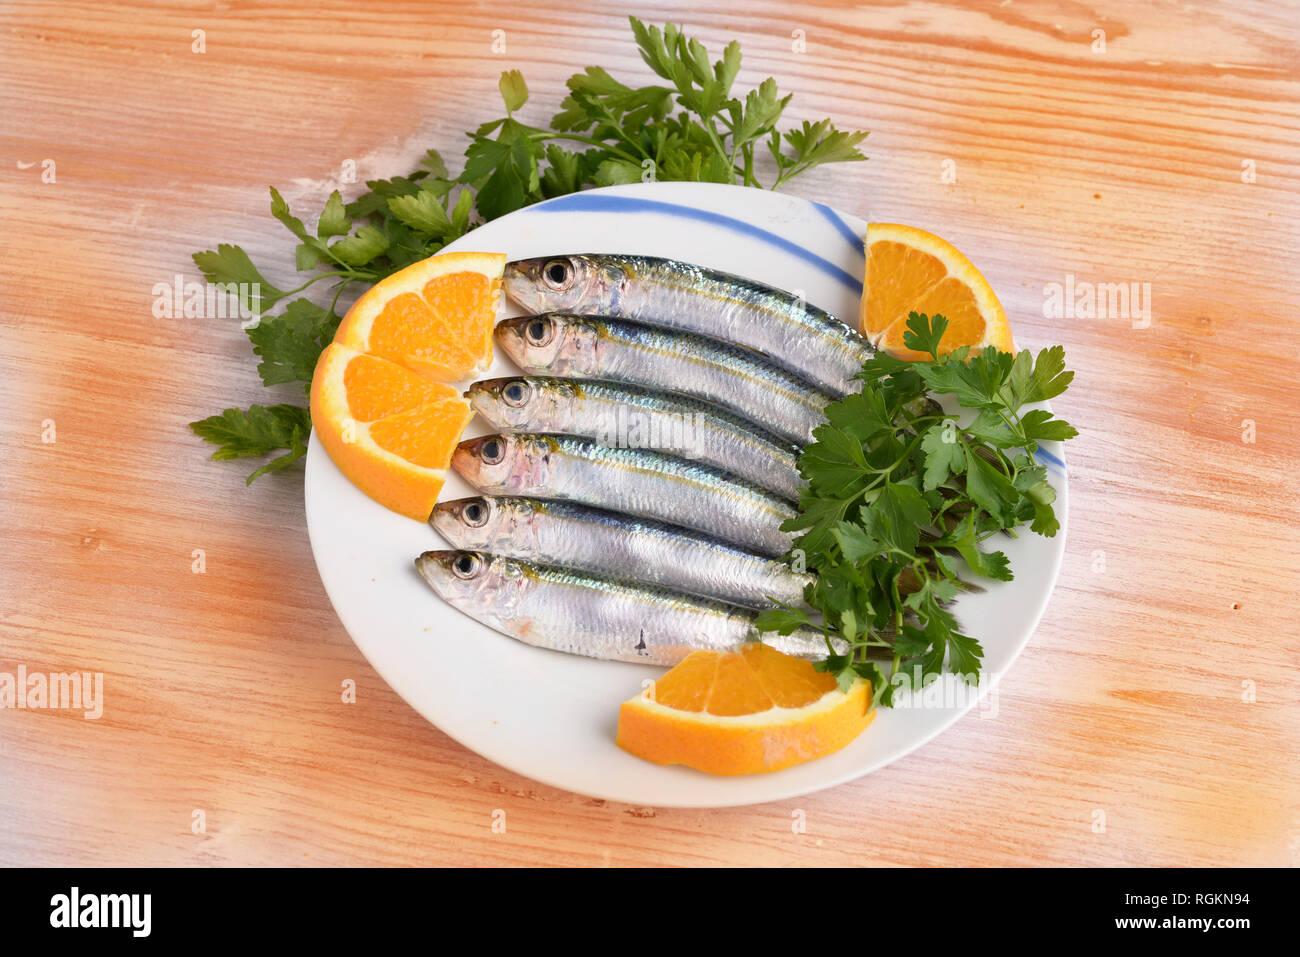 Sardinen mit Zitrone und Petersilie auf Teller mit Holz- Hintergrund farbig Stockbild